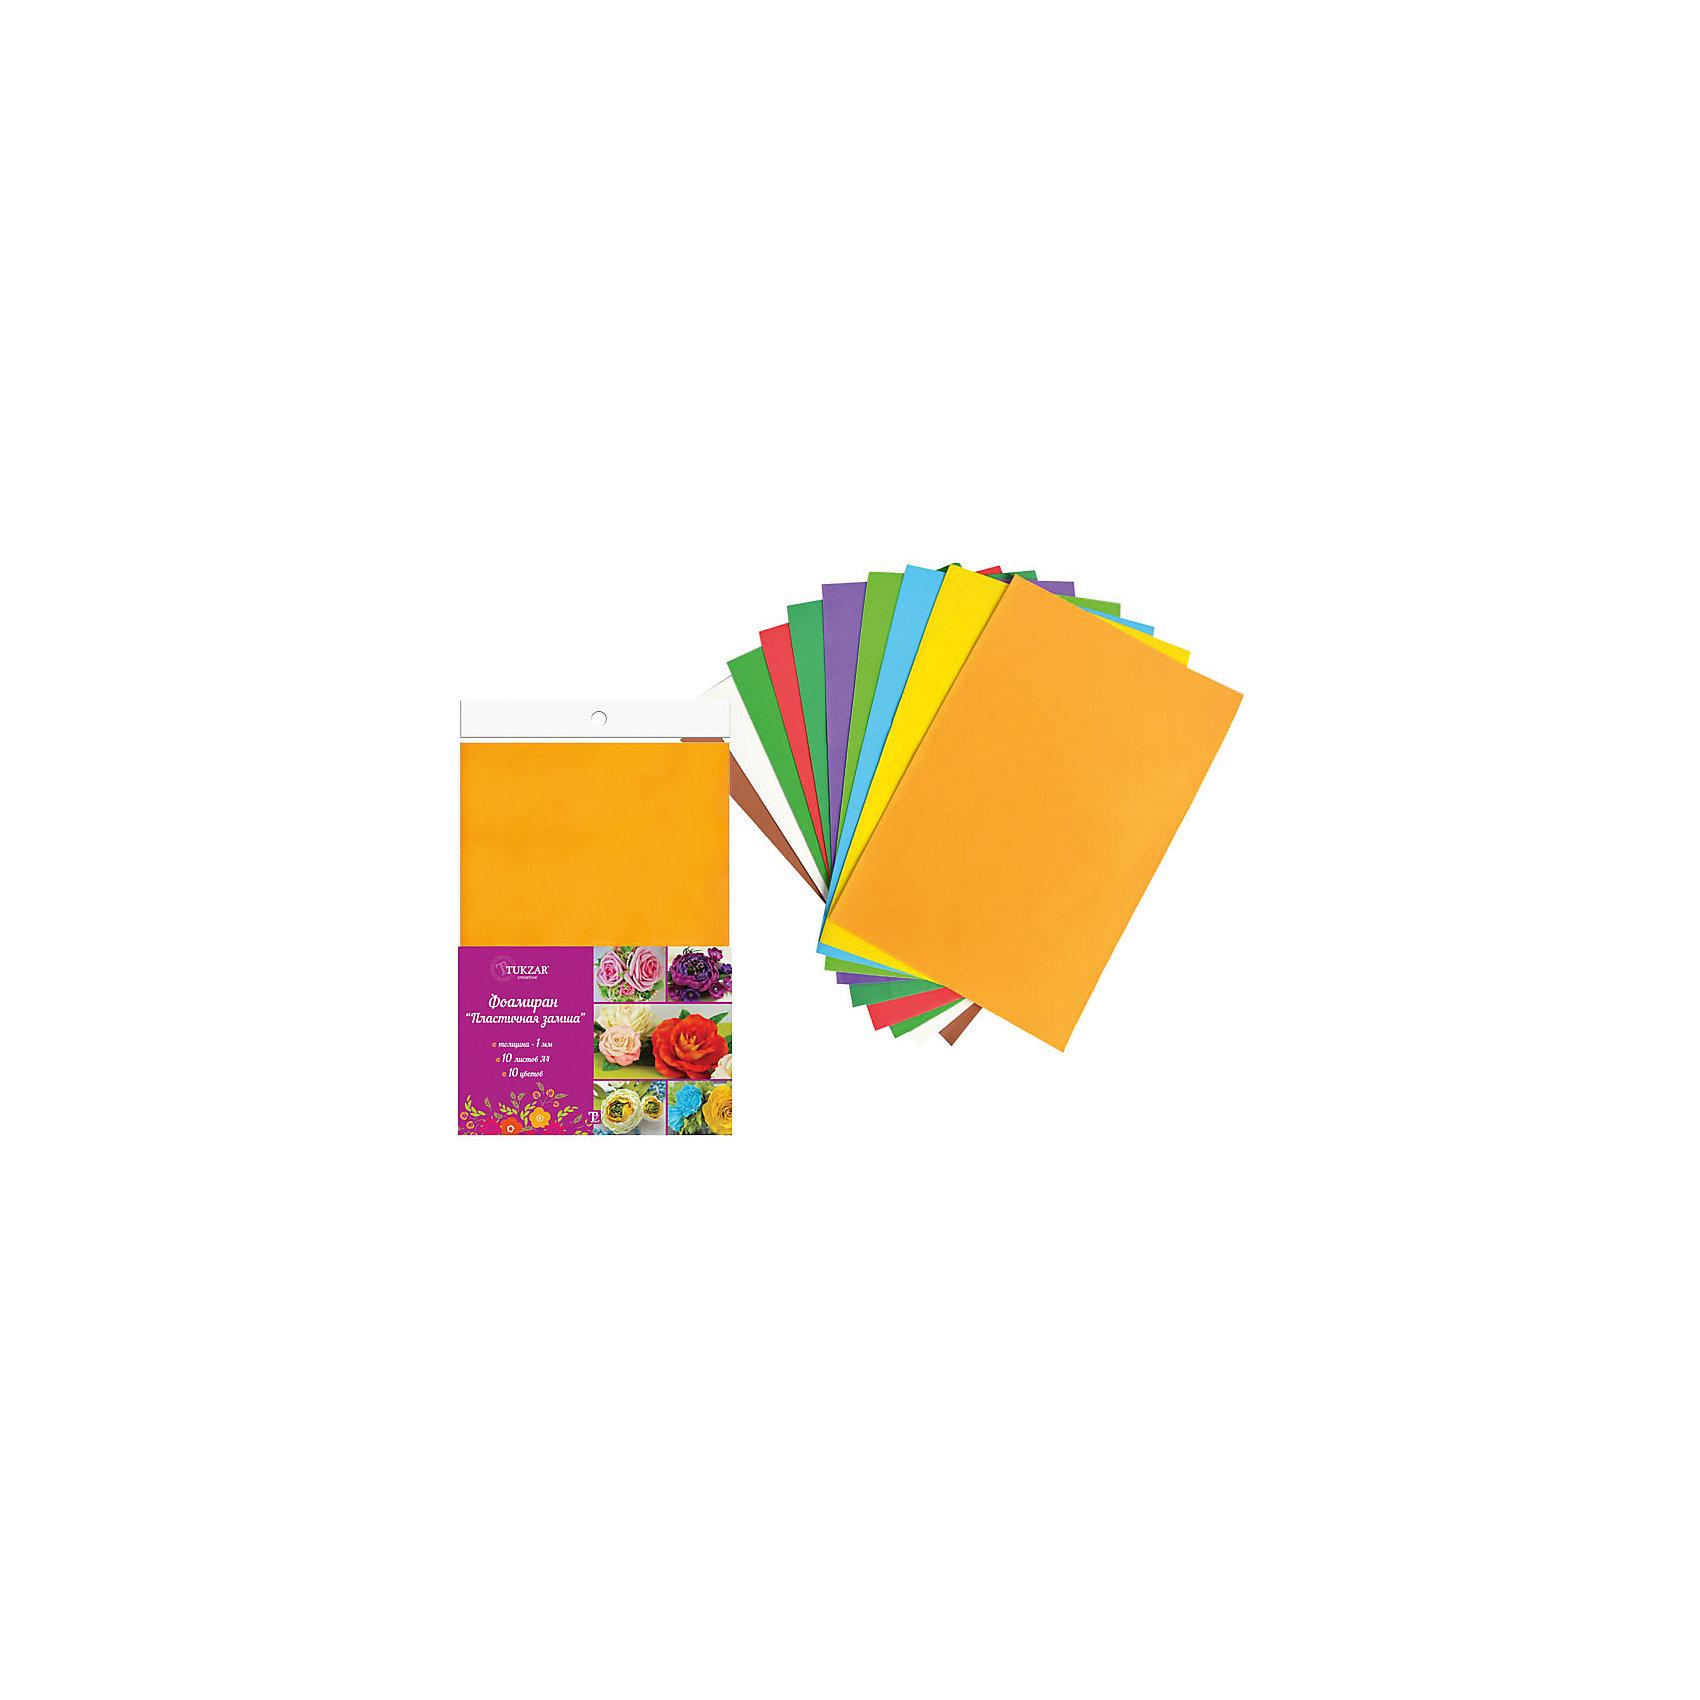 Набор фоамирана (пластичной замши) А4, 10 цветовРукоделие<br>Набор фоамирана (пластичной замши) А4, 10 цветов от известного торгового бренда канцелярских товаров и товаров для творчества TUKZAR. Набор включает в себя 10 листов пластичной замши разного цвета. Этот материал широко используется в декративно-прикладном творчестве за счет своих свойств: он легко поддается обработке, готовые изделия из фоамирана характеризуются высокой износоустойчивостью, а благодаря тому, что он абсолютно нетоксичен, этот материал широко используют на занятиях творчеством с детьми. <br>Набор фоамирана (пластичной замши) А4, 10 цветов – это высокое качество материалов для творчества, которые подарят вдохновение не только детям, но и взрослым! <br><br>Дополнительная информация:<br><br>- Предназначение: для детского творчества, для аппликаций, для создания цветов и цветочных композиций, для декорирования<br>- Материал: фоамиран<br>- Комплектация: 10 листов разного цвета<br>- Размеры (Д*Ш*В): 21*0,1*29,7 см<br>- Упаковка: полиэтилен<br><br>Подробнее:<br><br>• Для детей в возрасте: от 5 лет <br>• Страна производитель: Китай<br>• Торговый бренд: TUKZAR<br><br>Набор фоамирана (пластичной замши) А4, 10 цветов можно купить в нашем интернет-магазине.<br><br>Ширина мм: 220<br>Глубина мм: 180<br>Высота мм: 20<br>Вес г: 200<br>Возраст от месяцев: 36<br>Возраст до месяцев: 192<br>Пол: Унисекс<br>Возраст: Детский<br>SKU: 5001420